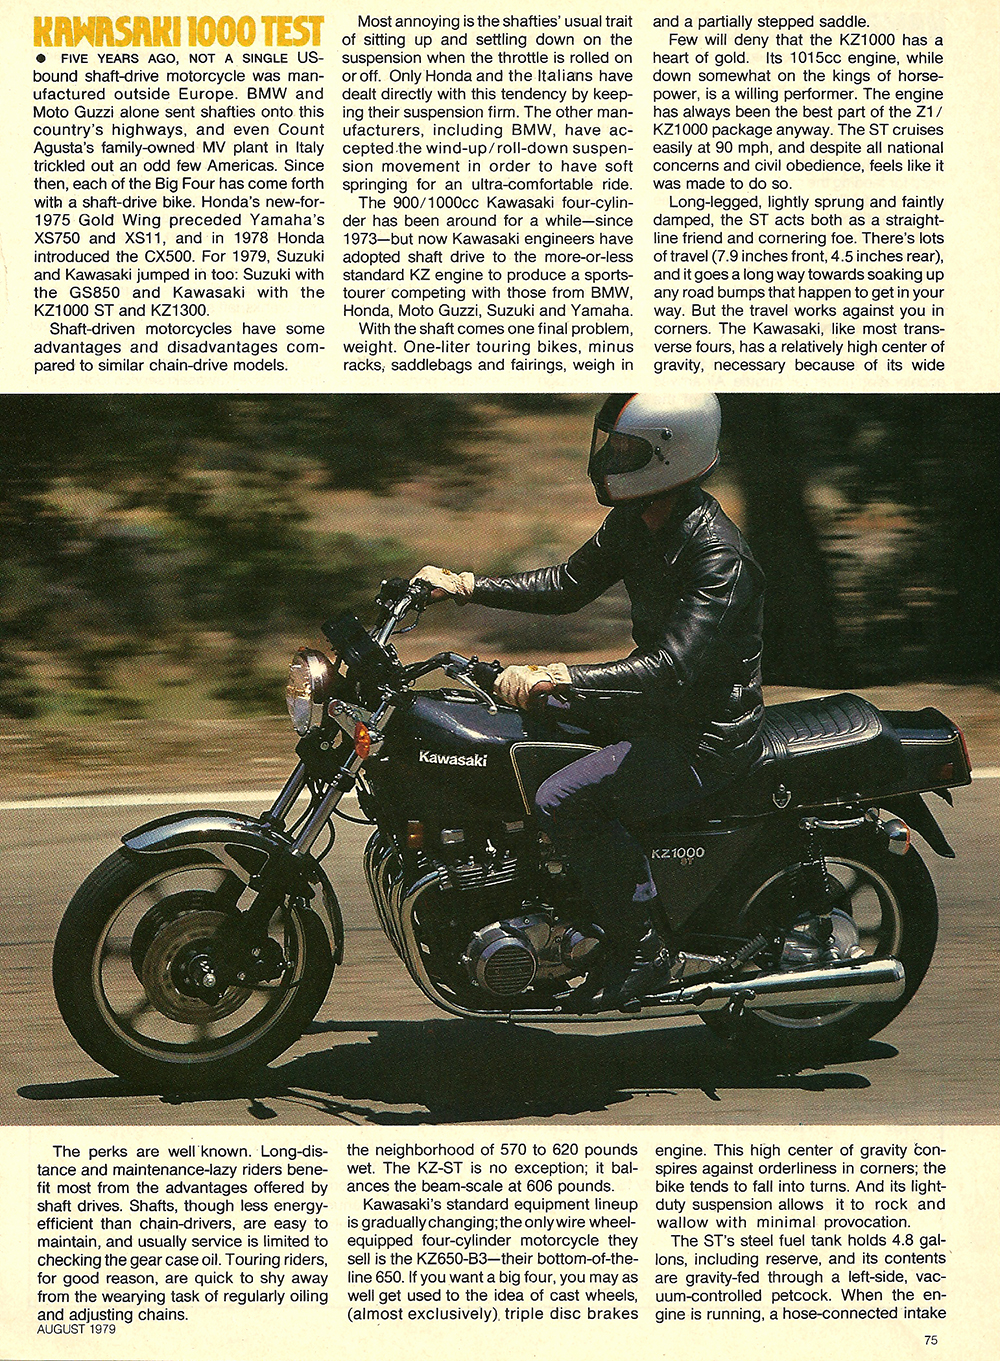 1979 Kawasaki KZ1000 ST road test 04.jpg